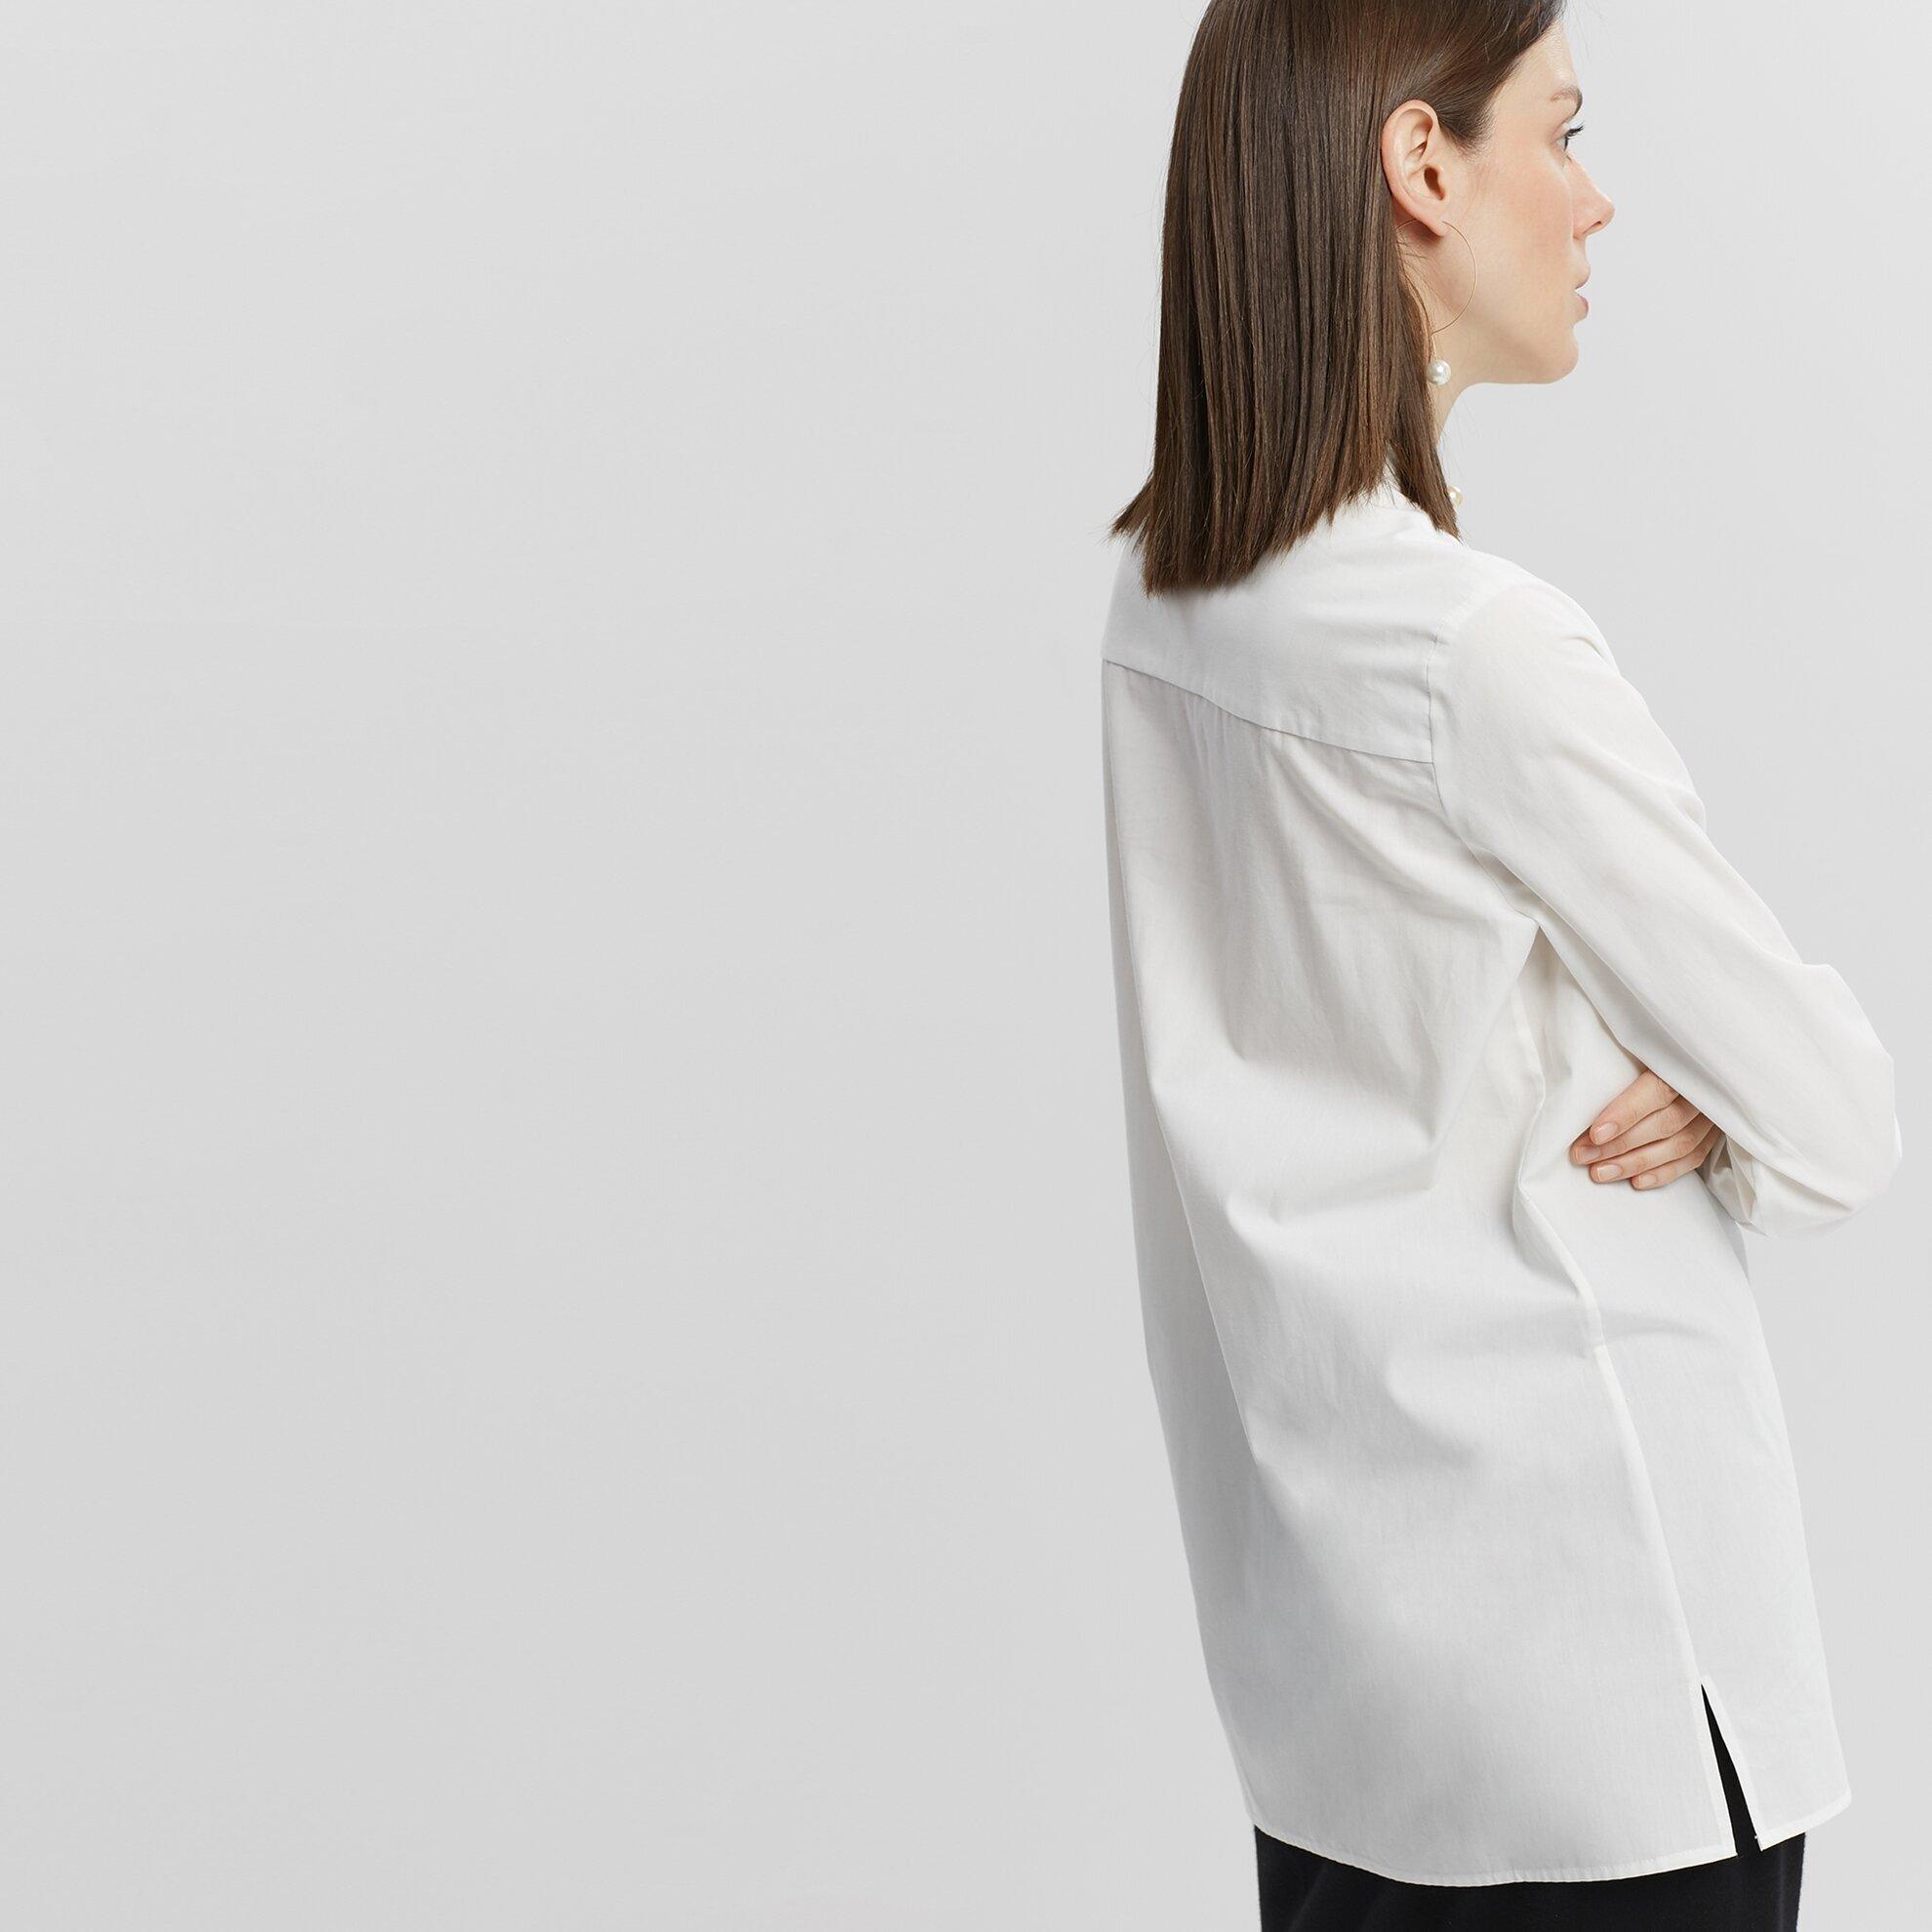 Damen Hemd mit aufrechtem Kragen